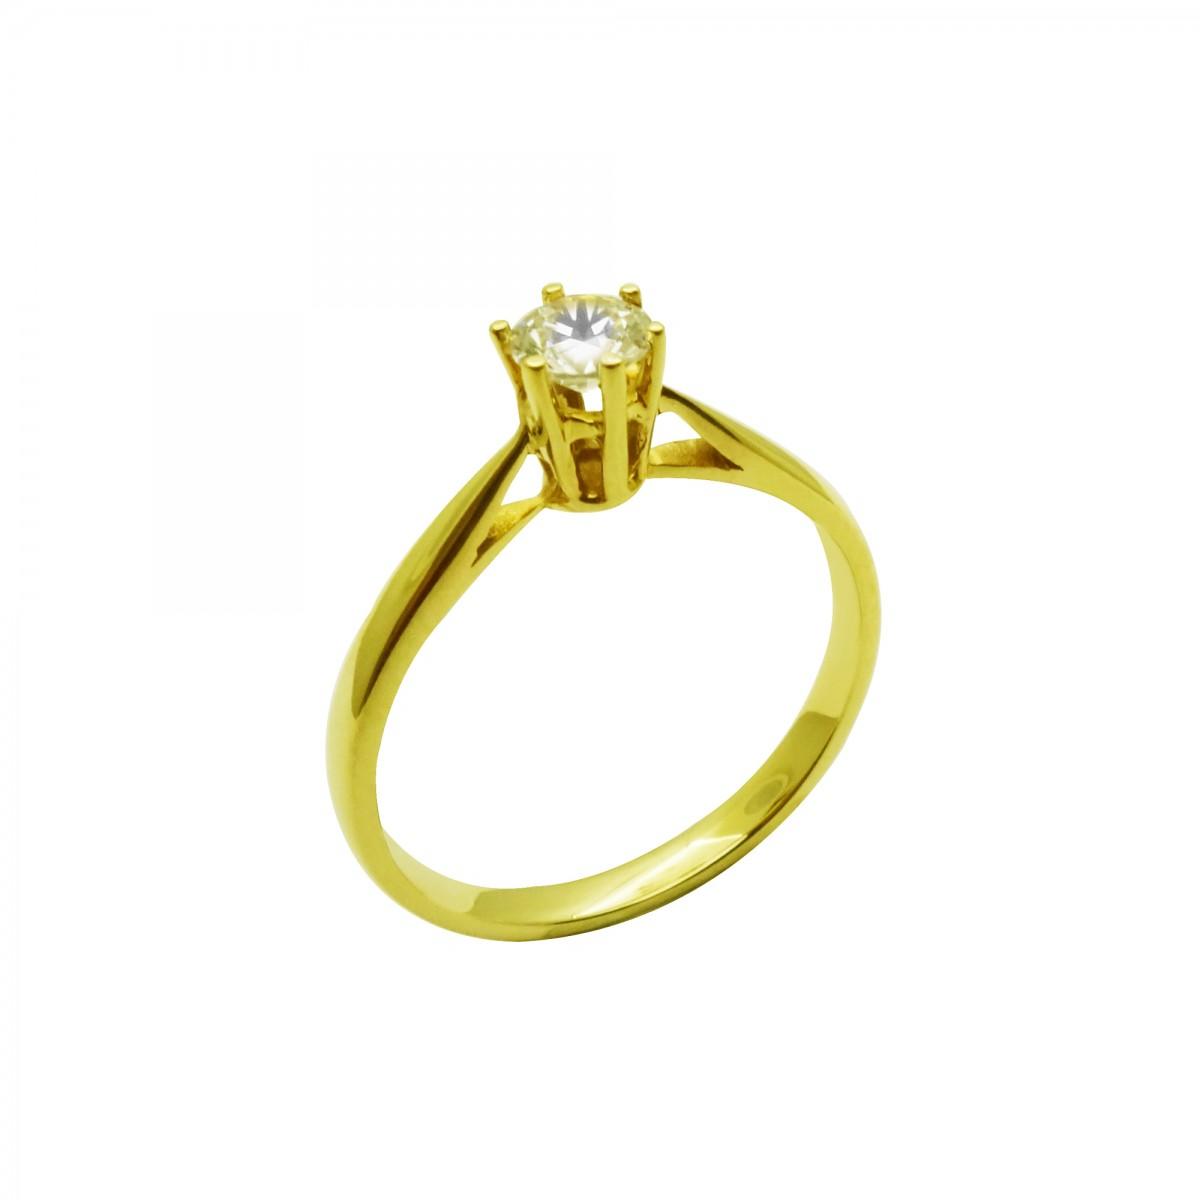 Μονόπετρο δαχτυλίδι χρυσό 18 καράτια με διαμάντι - 742€ fe5c7f341dc